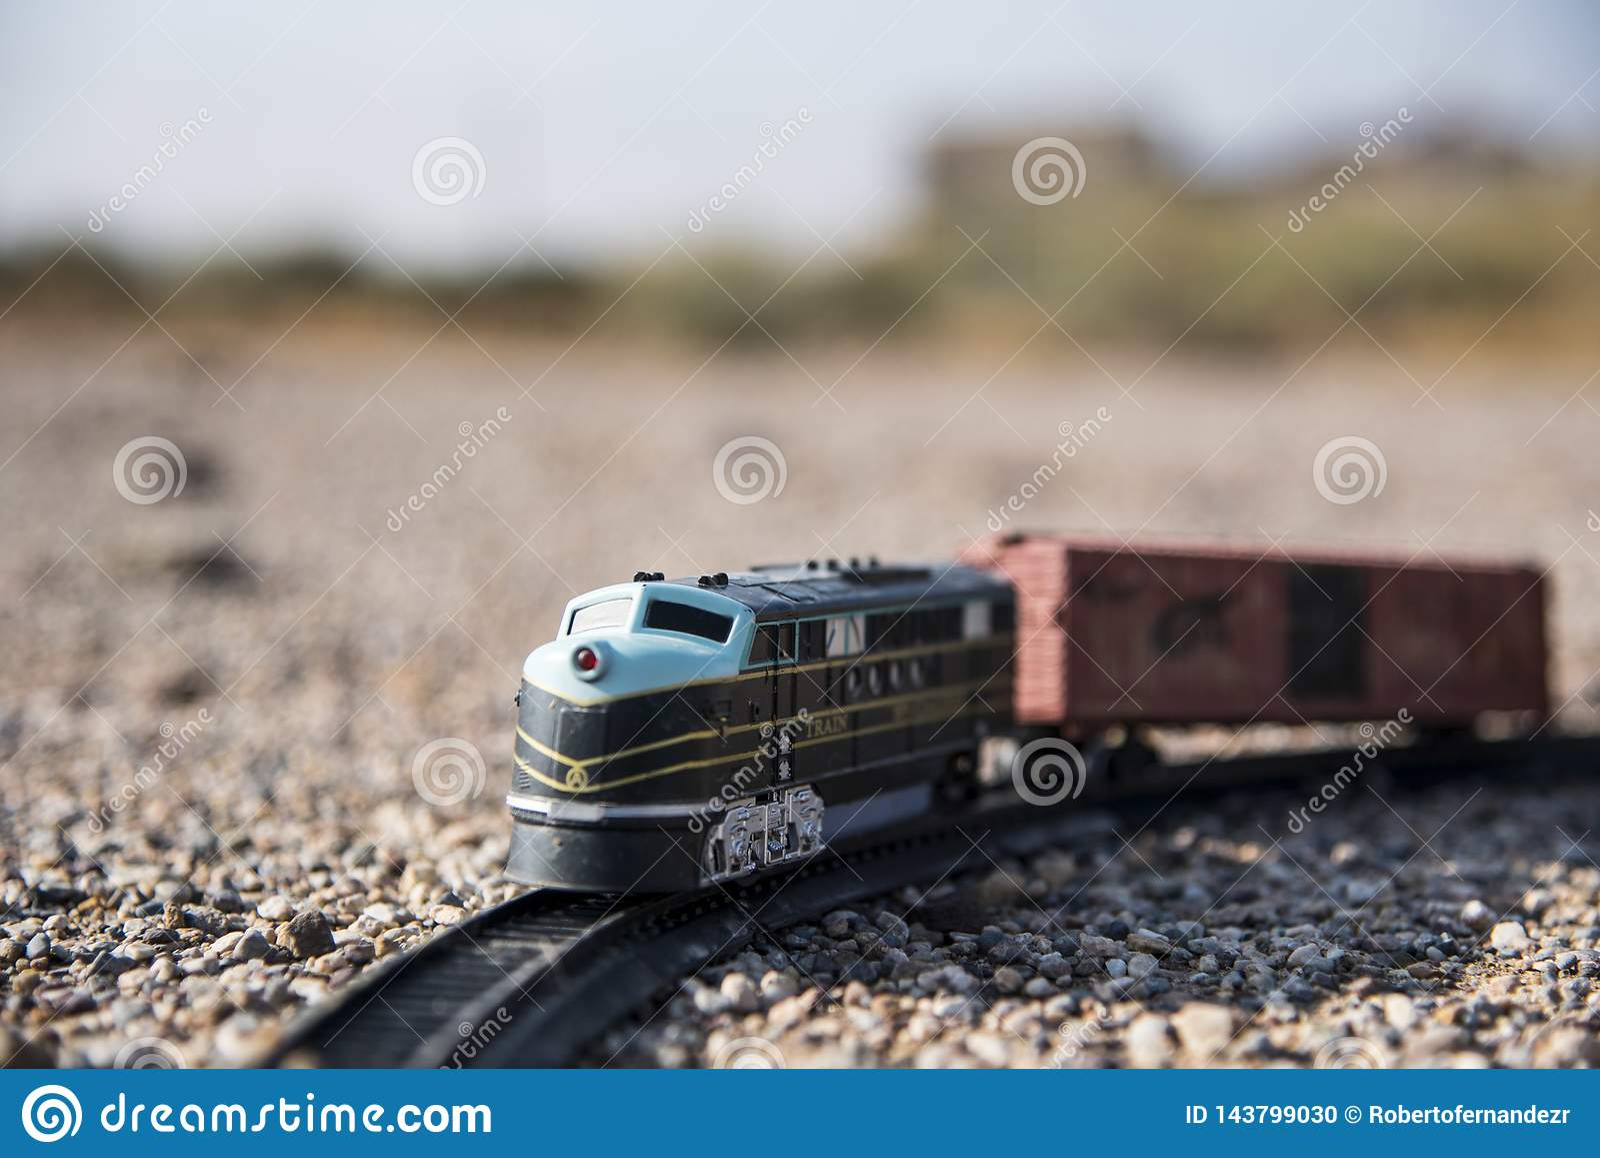 Lokomotiv- und Spielzeugzuglastwagen verlassen auf dem Gebiet